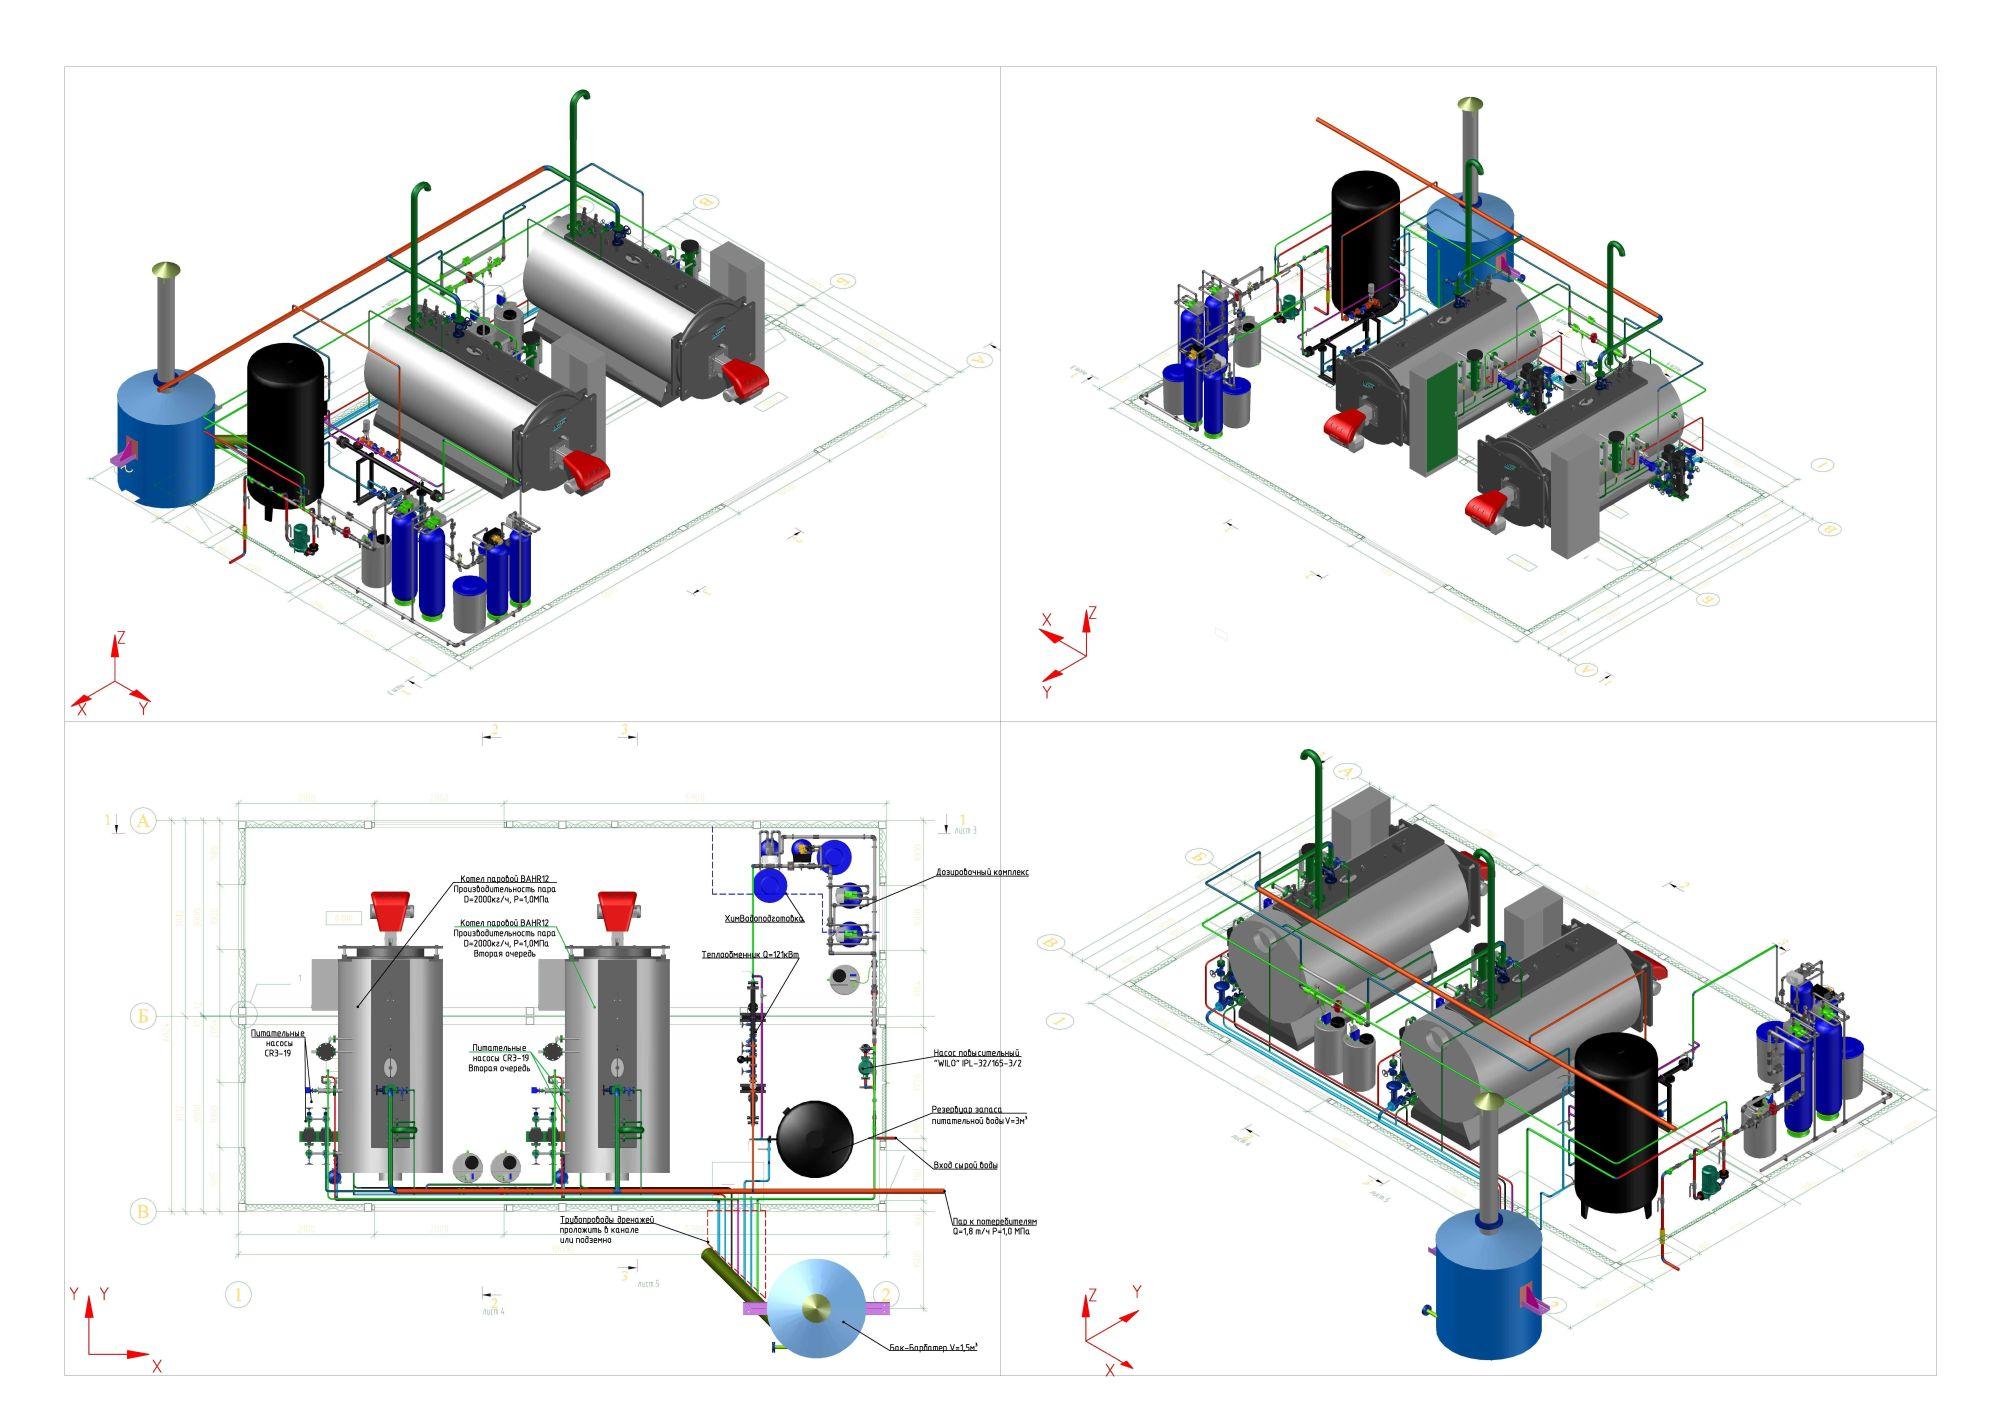 hight resolution of steam boiler room 4 t steam per hour 3d model 3d model